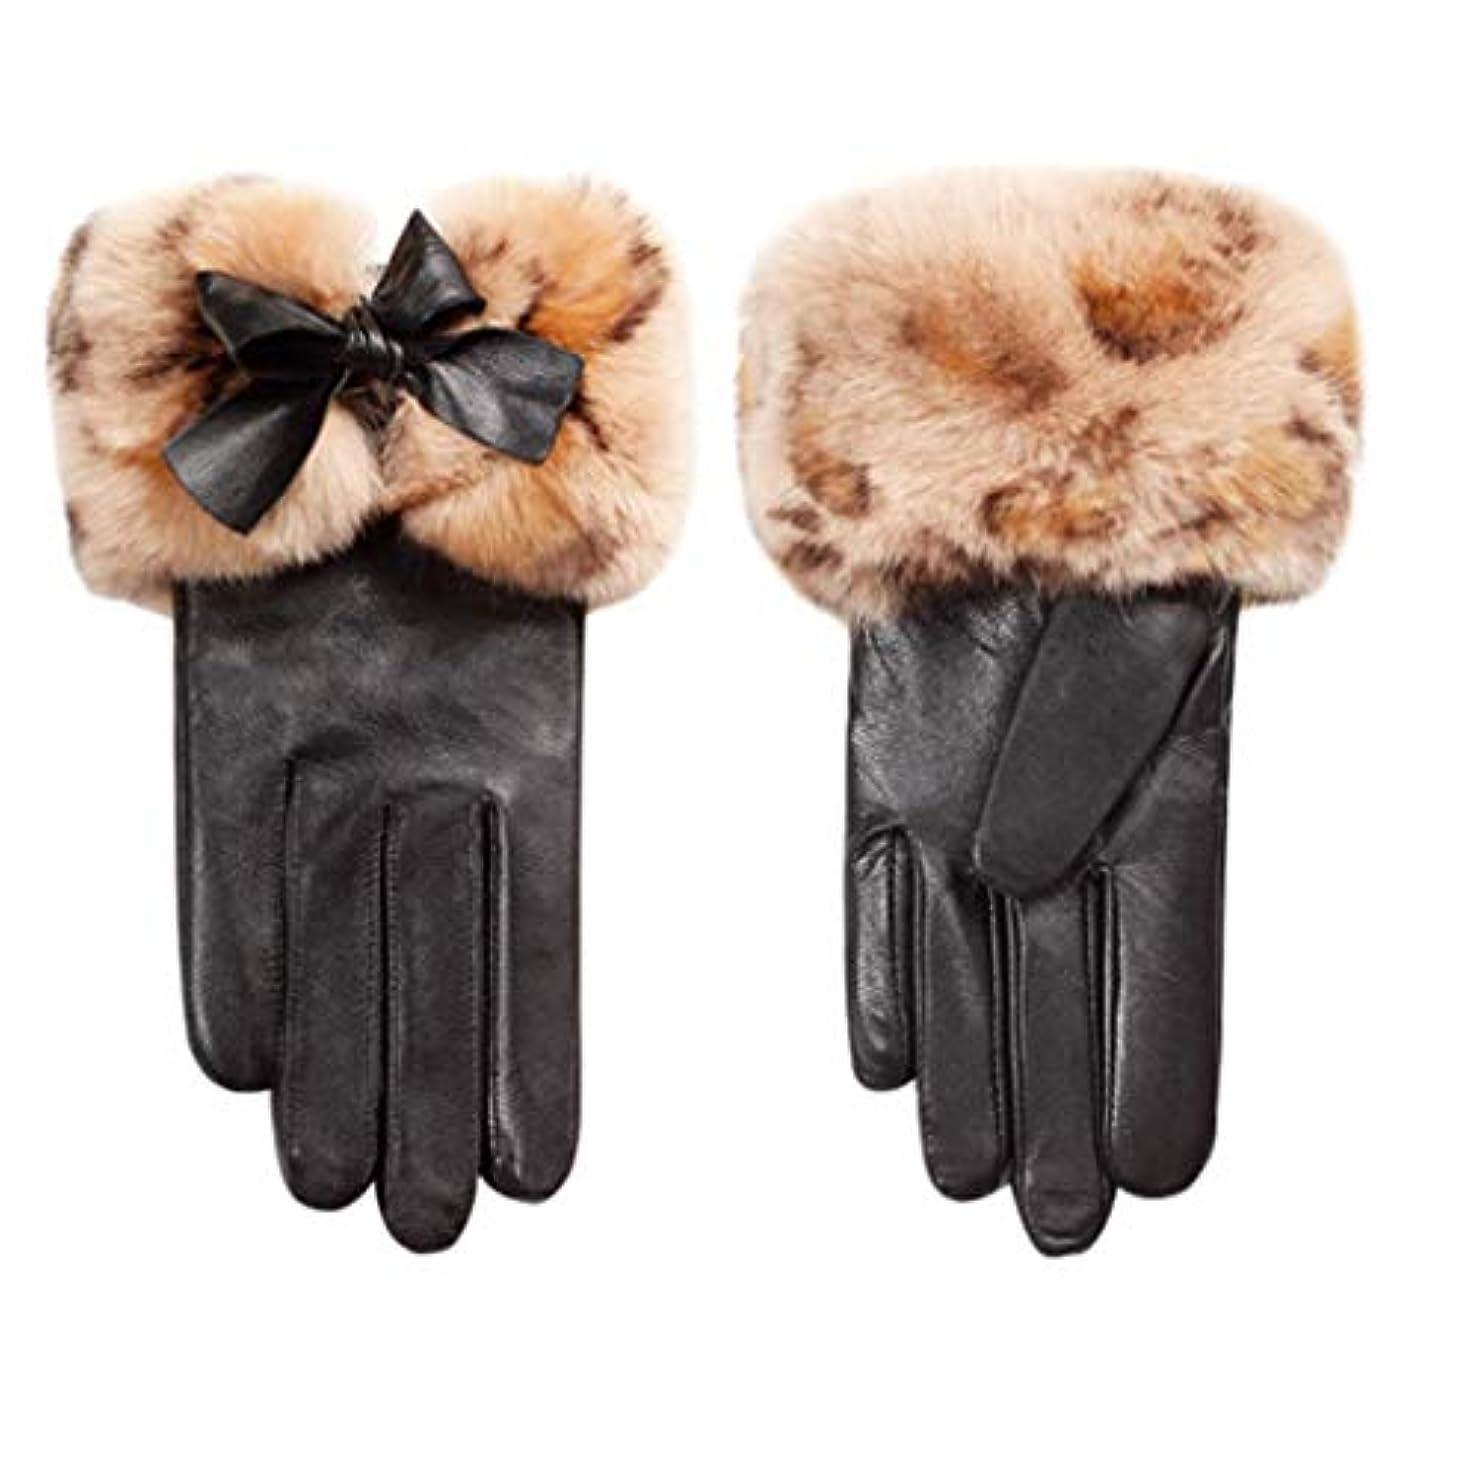 氏カレンダーテレビ手袋女性の冬プラスベルベット厚い暖かい韓国のかわいい乗り物運転屋外防風レディース革手袋N2E8X81452黒M